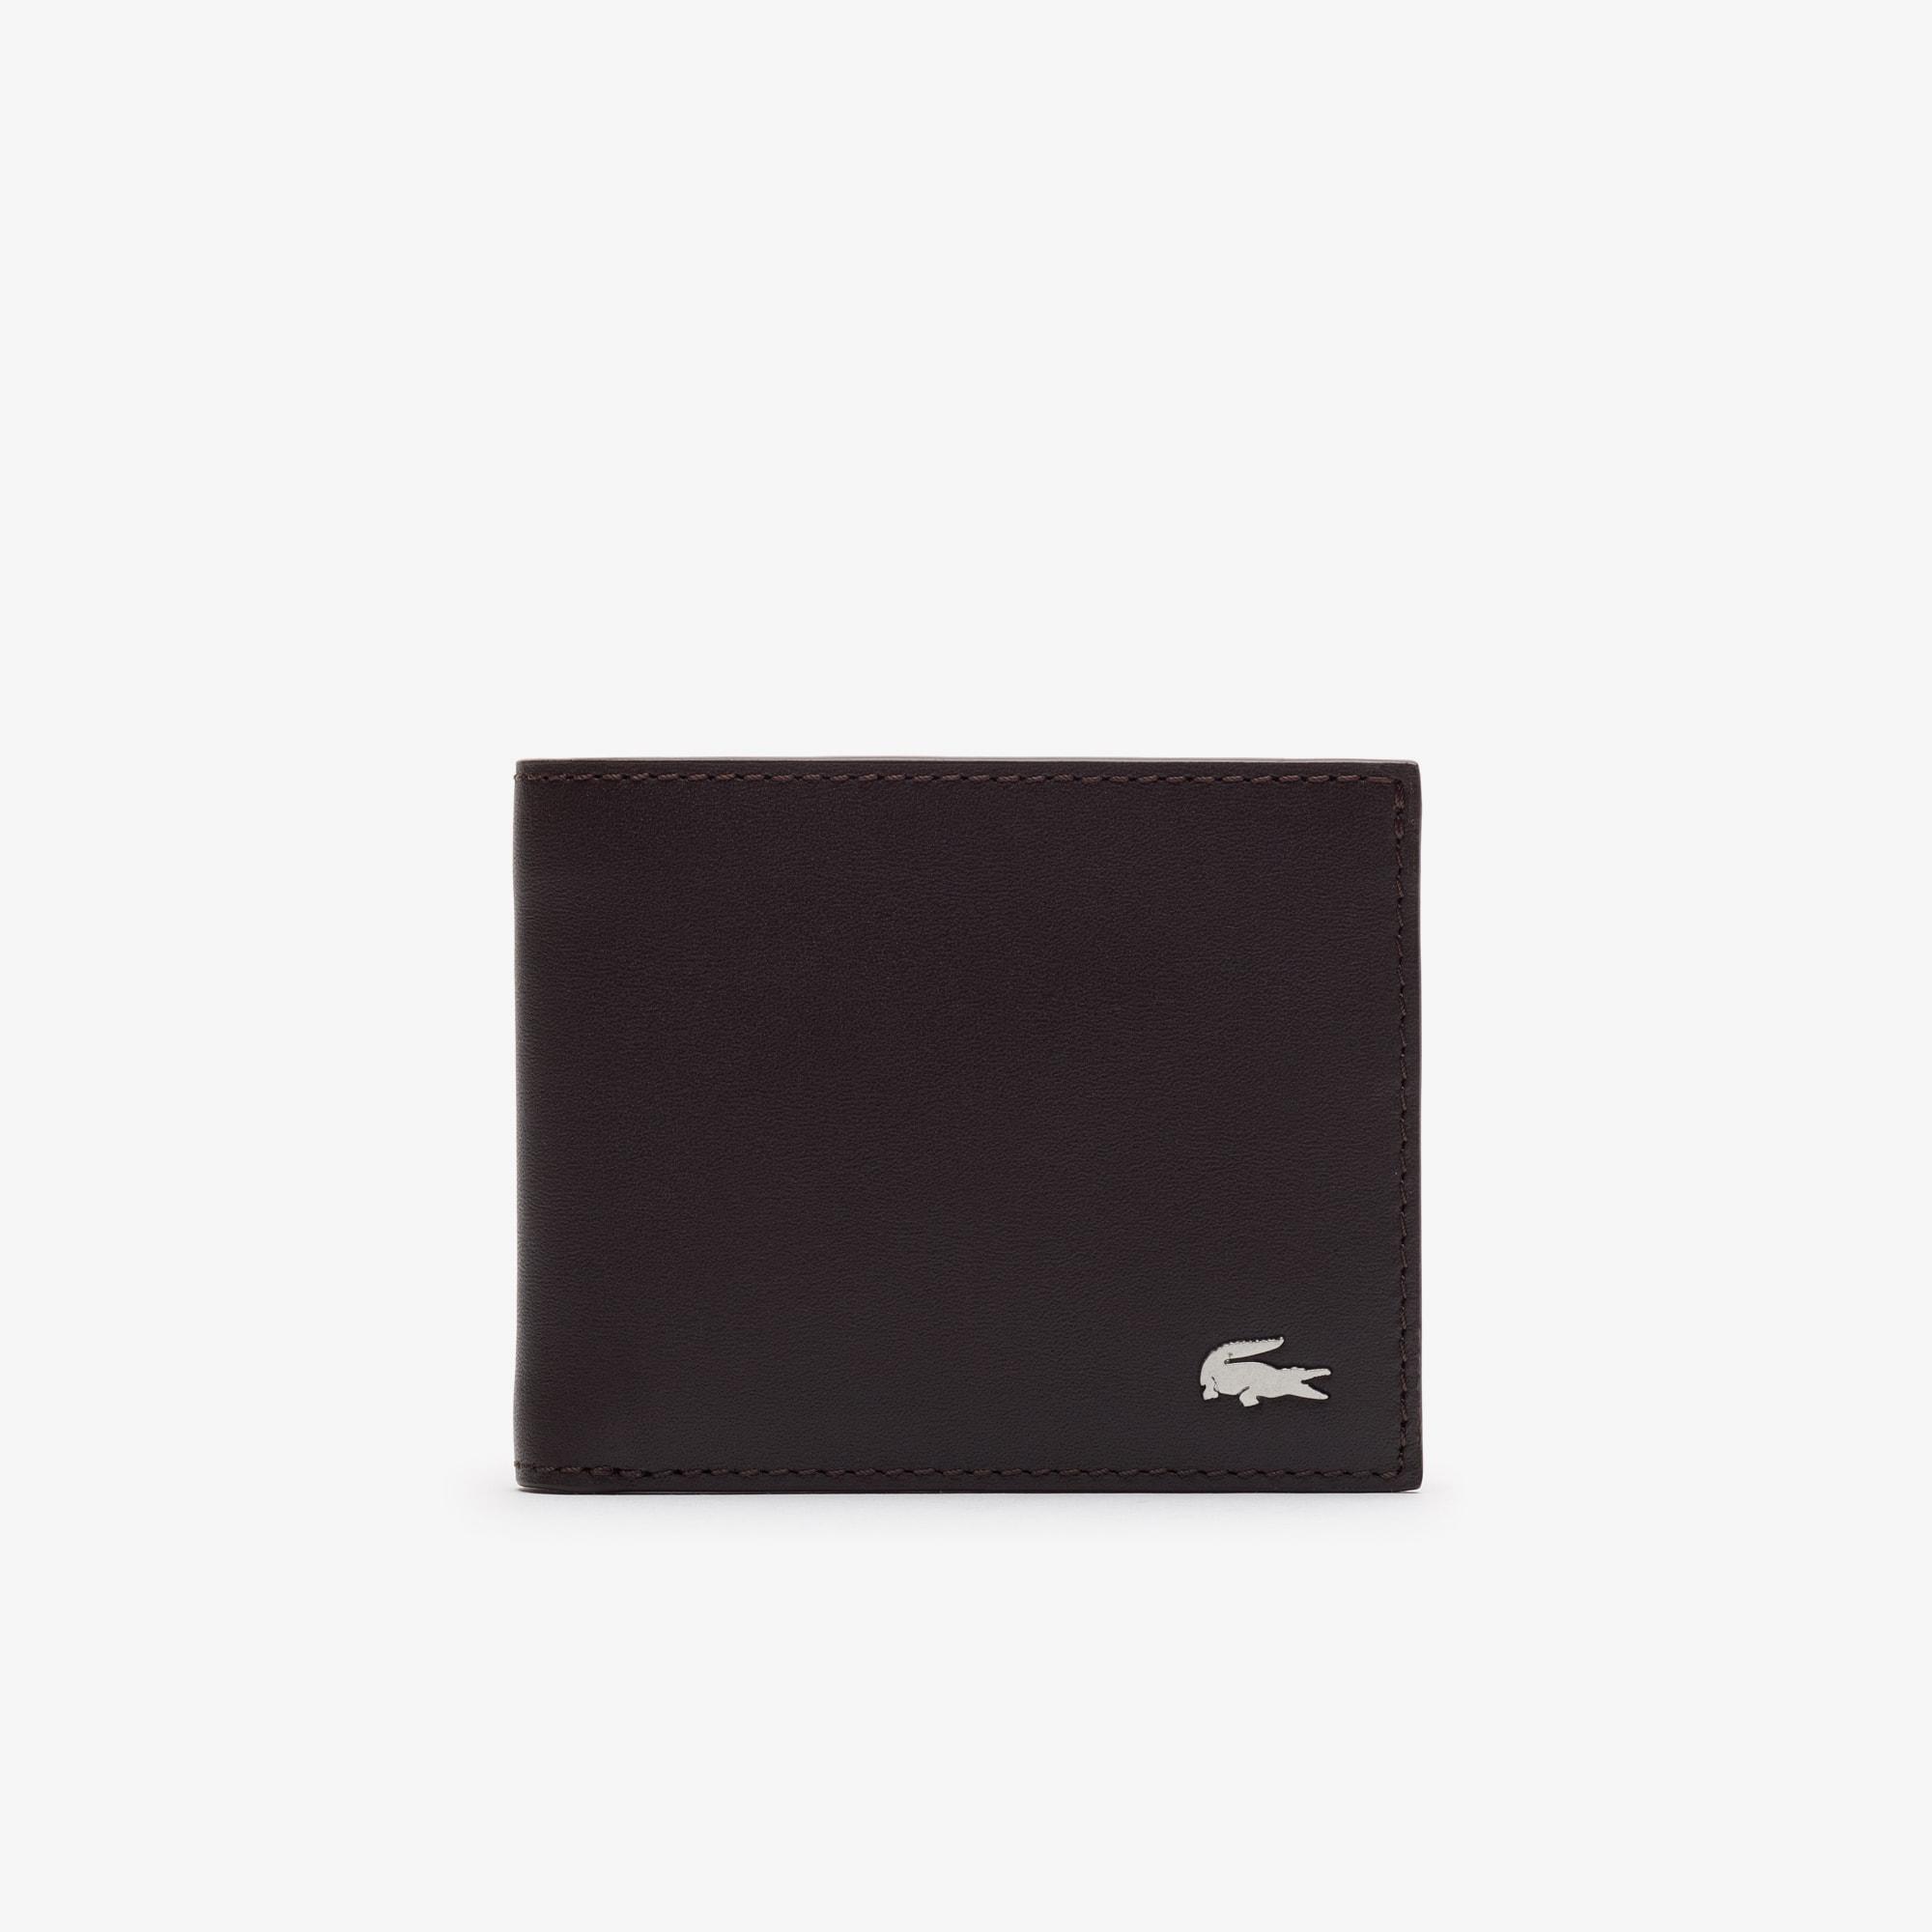 Carteira FG em pele com compartimento para o Cartão de Identificação